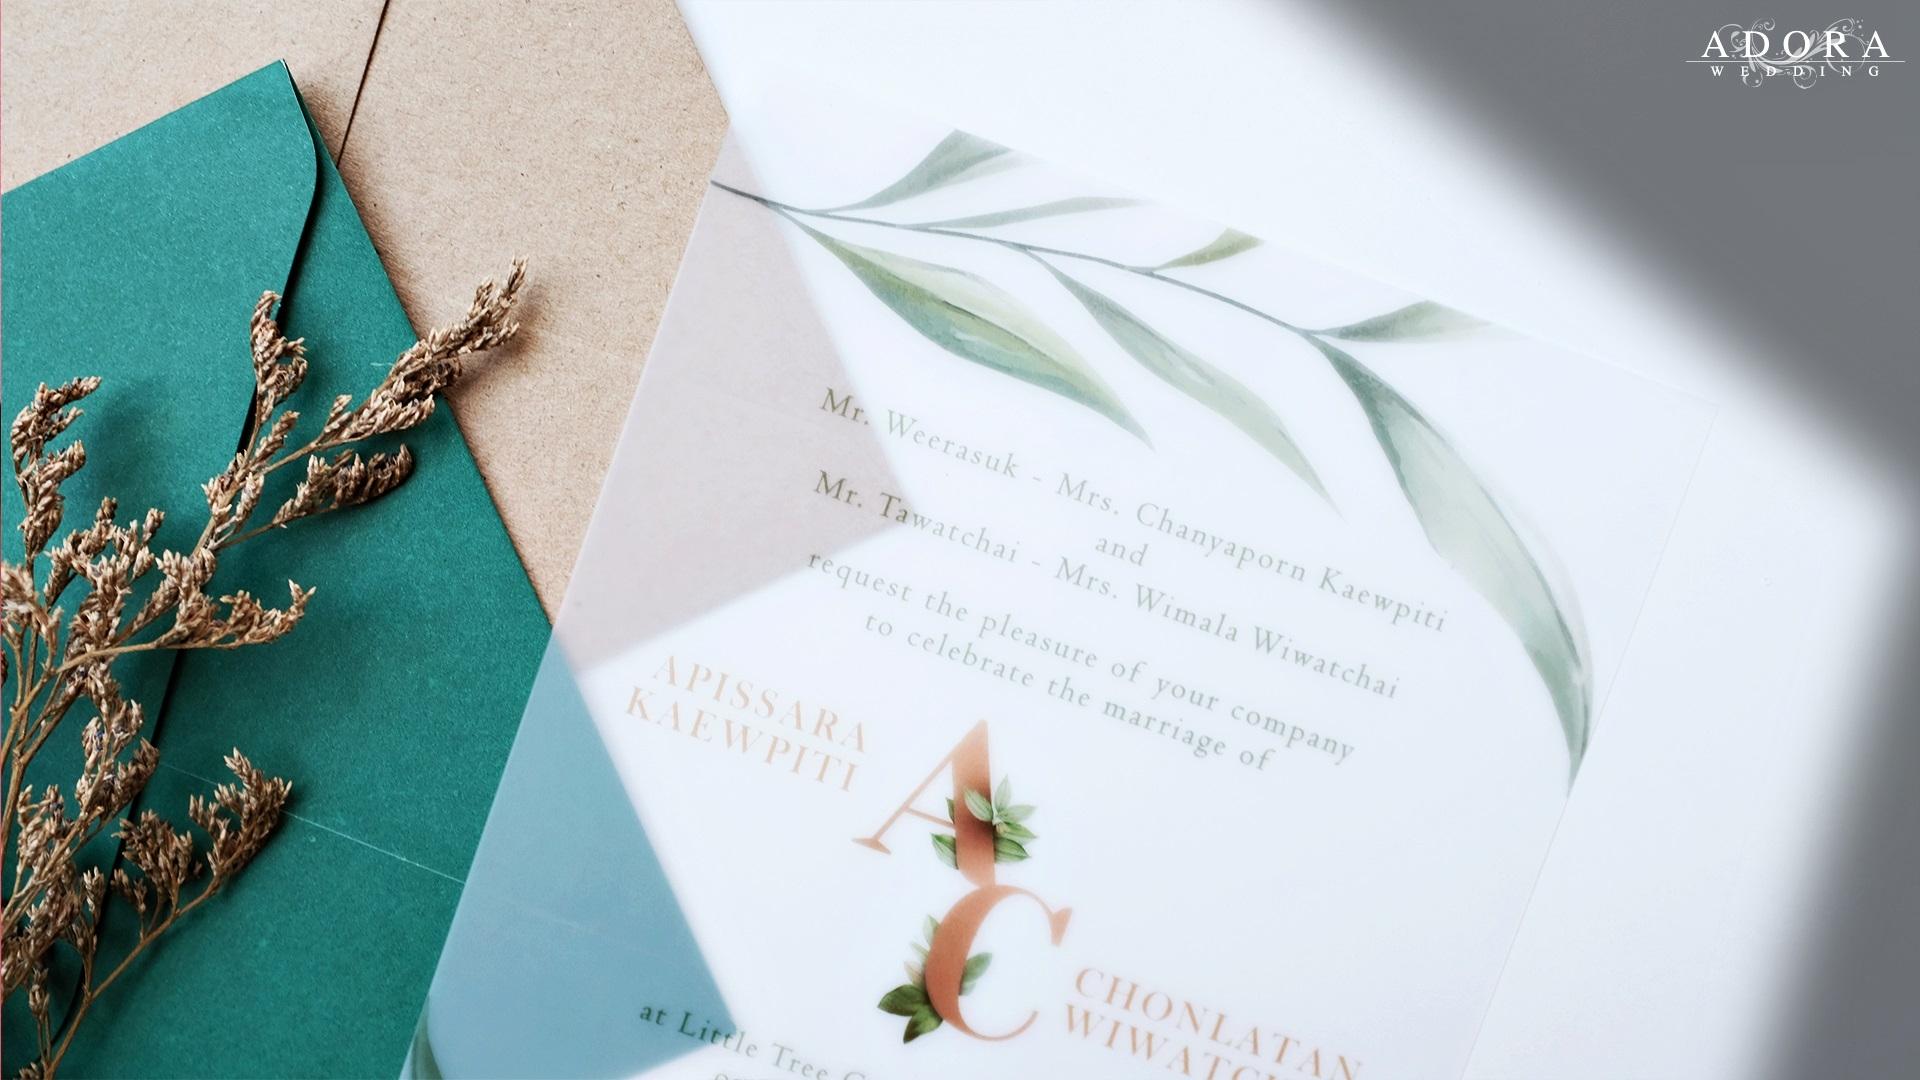 B095LM-wedding-card-5